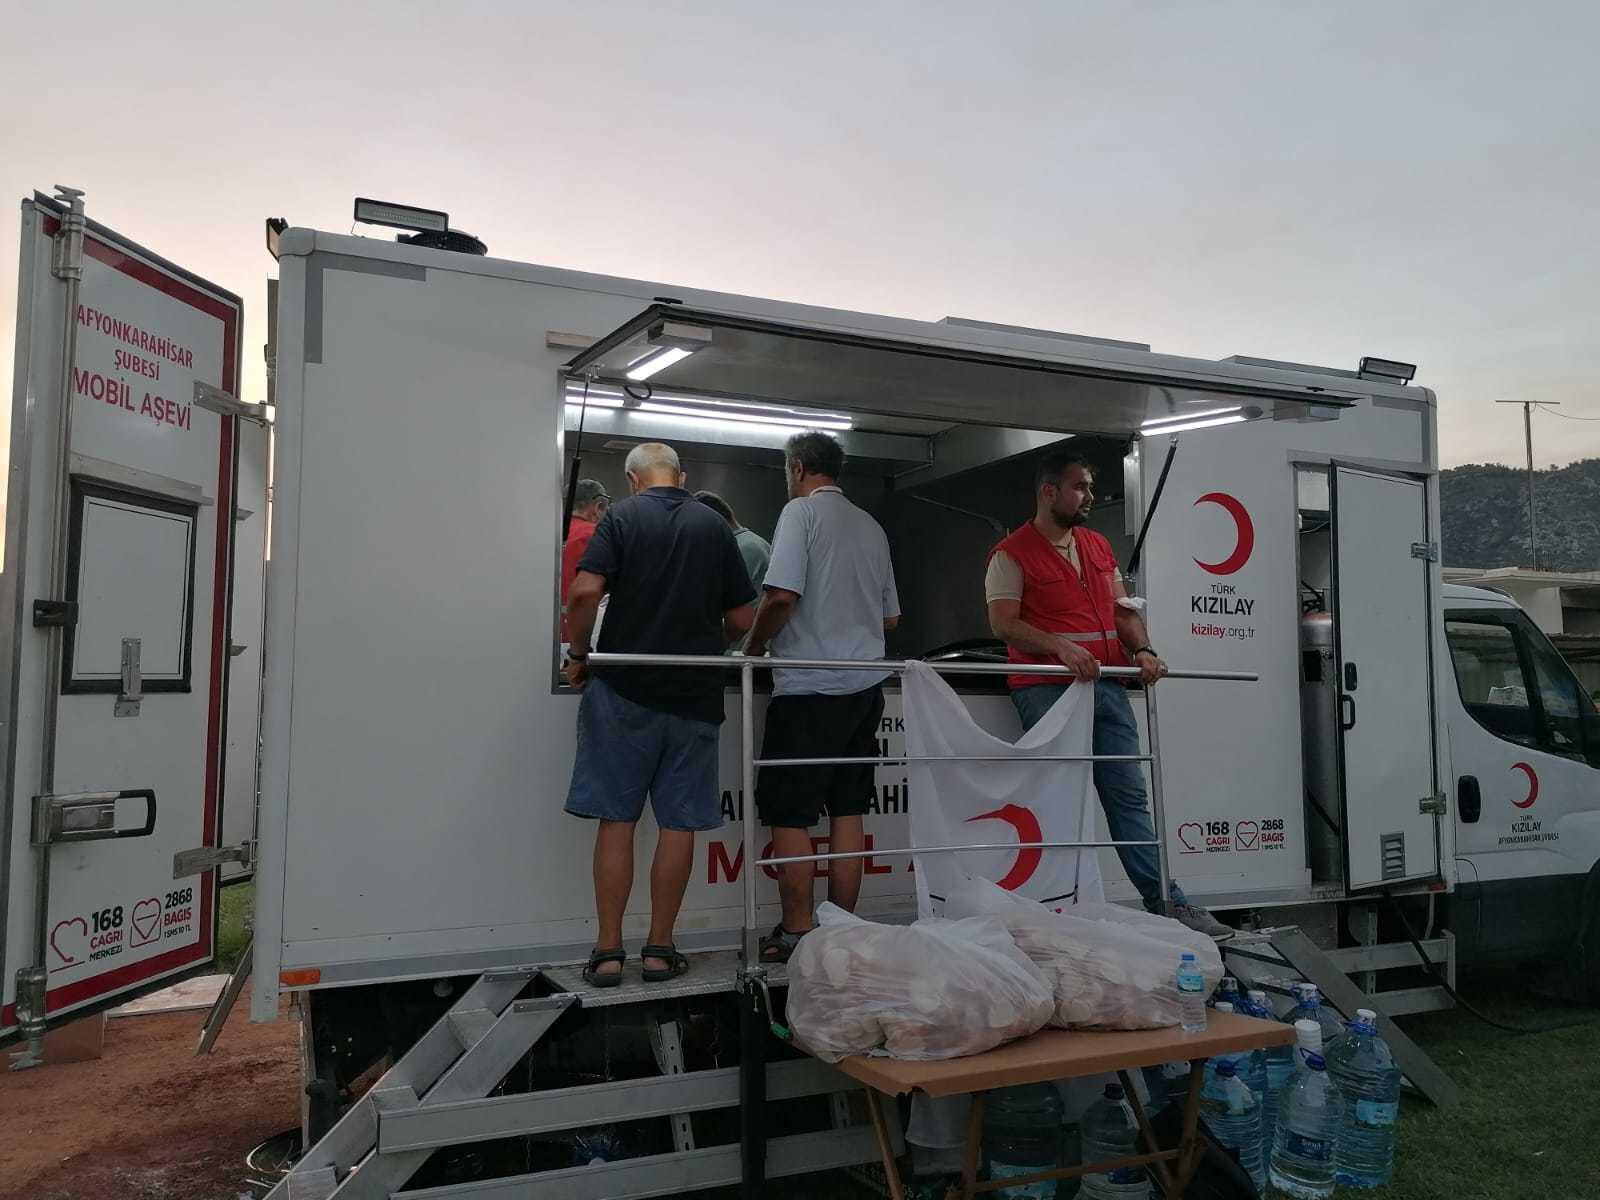 Kızılay, Milas'ta vatandaşlara ve yangını söndürmek için görev yapan ekiplere akşam yemeği dağıtıyor.